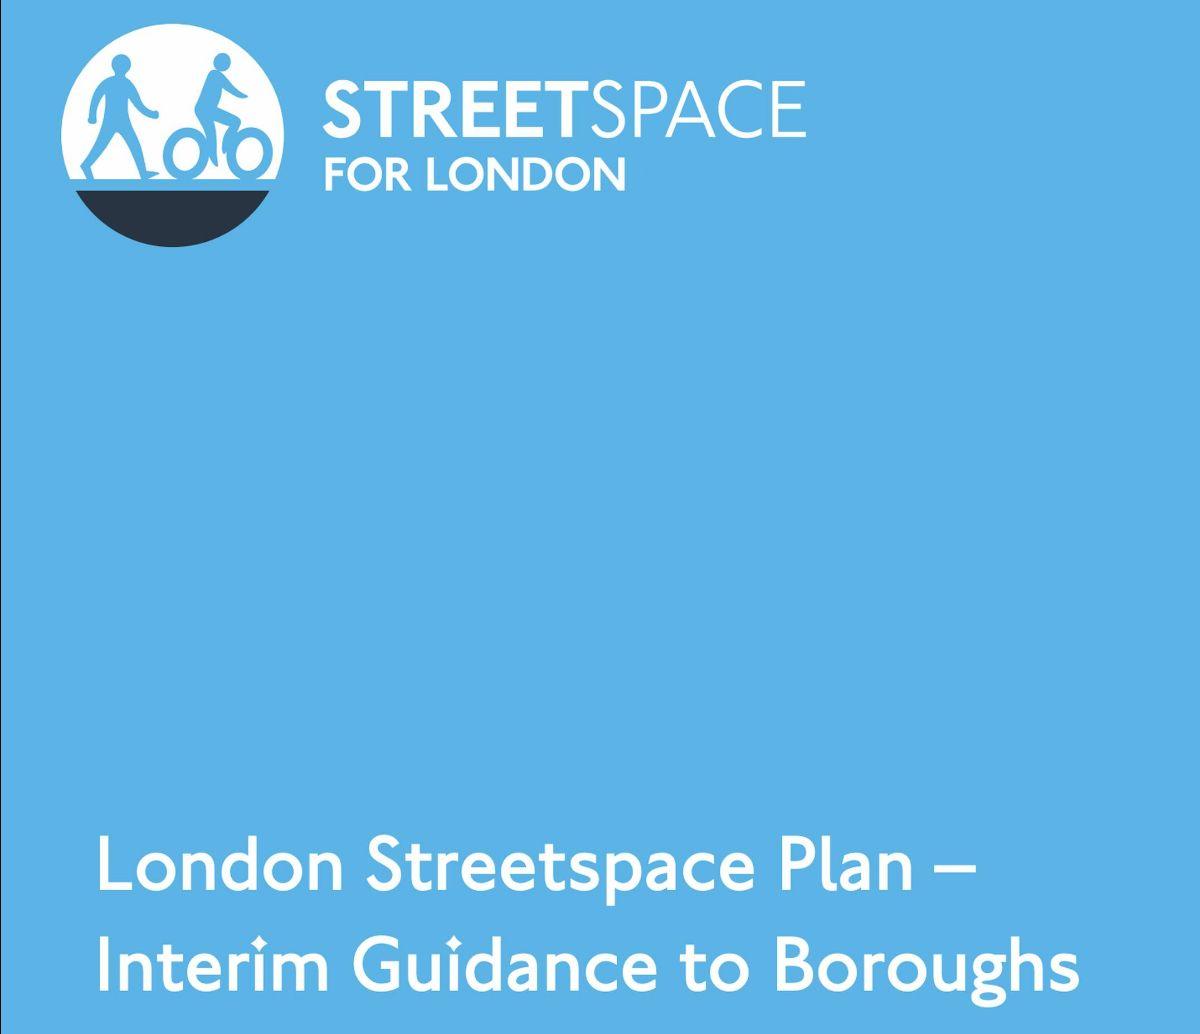 London Streetspace Plan